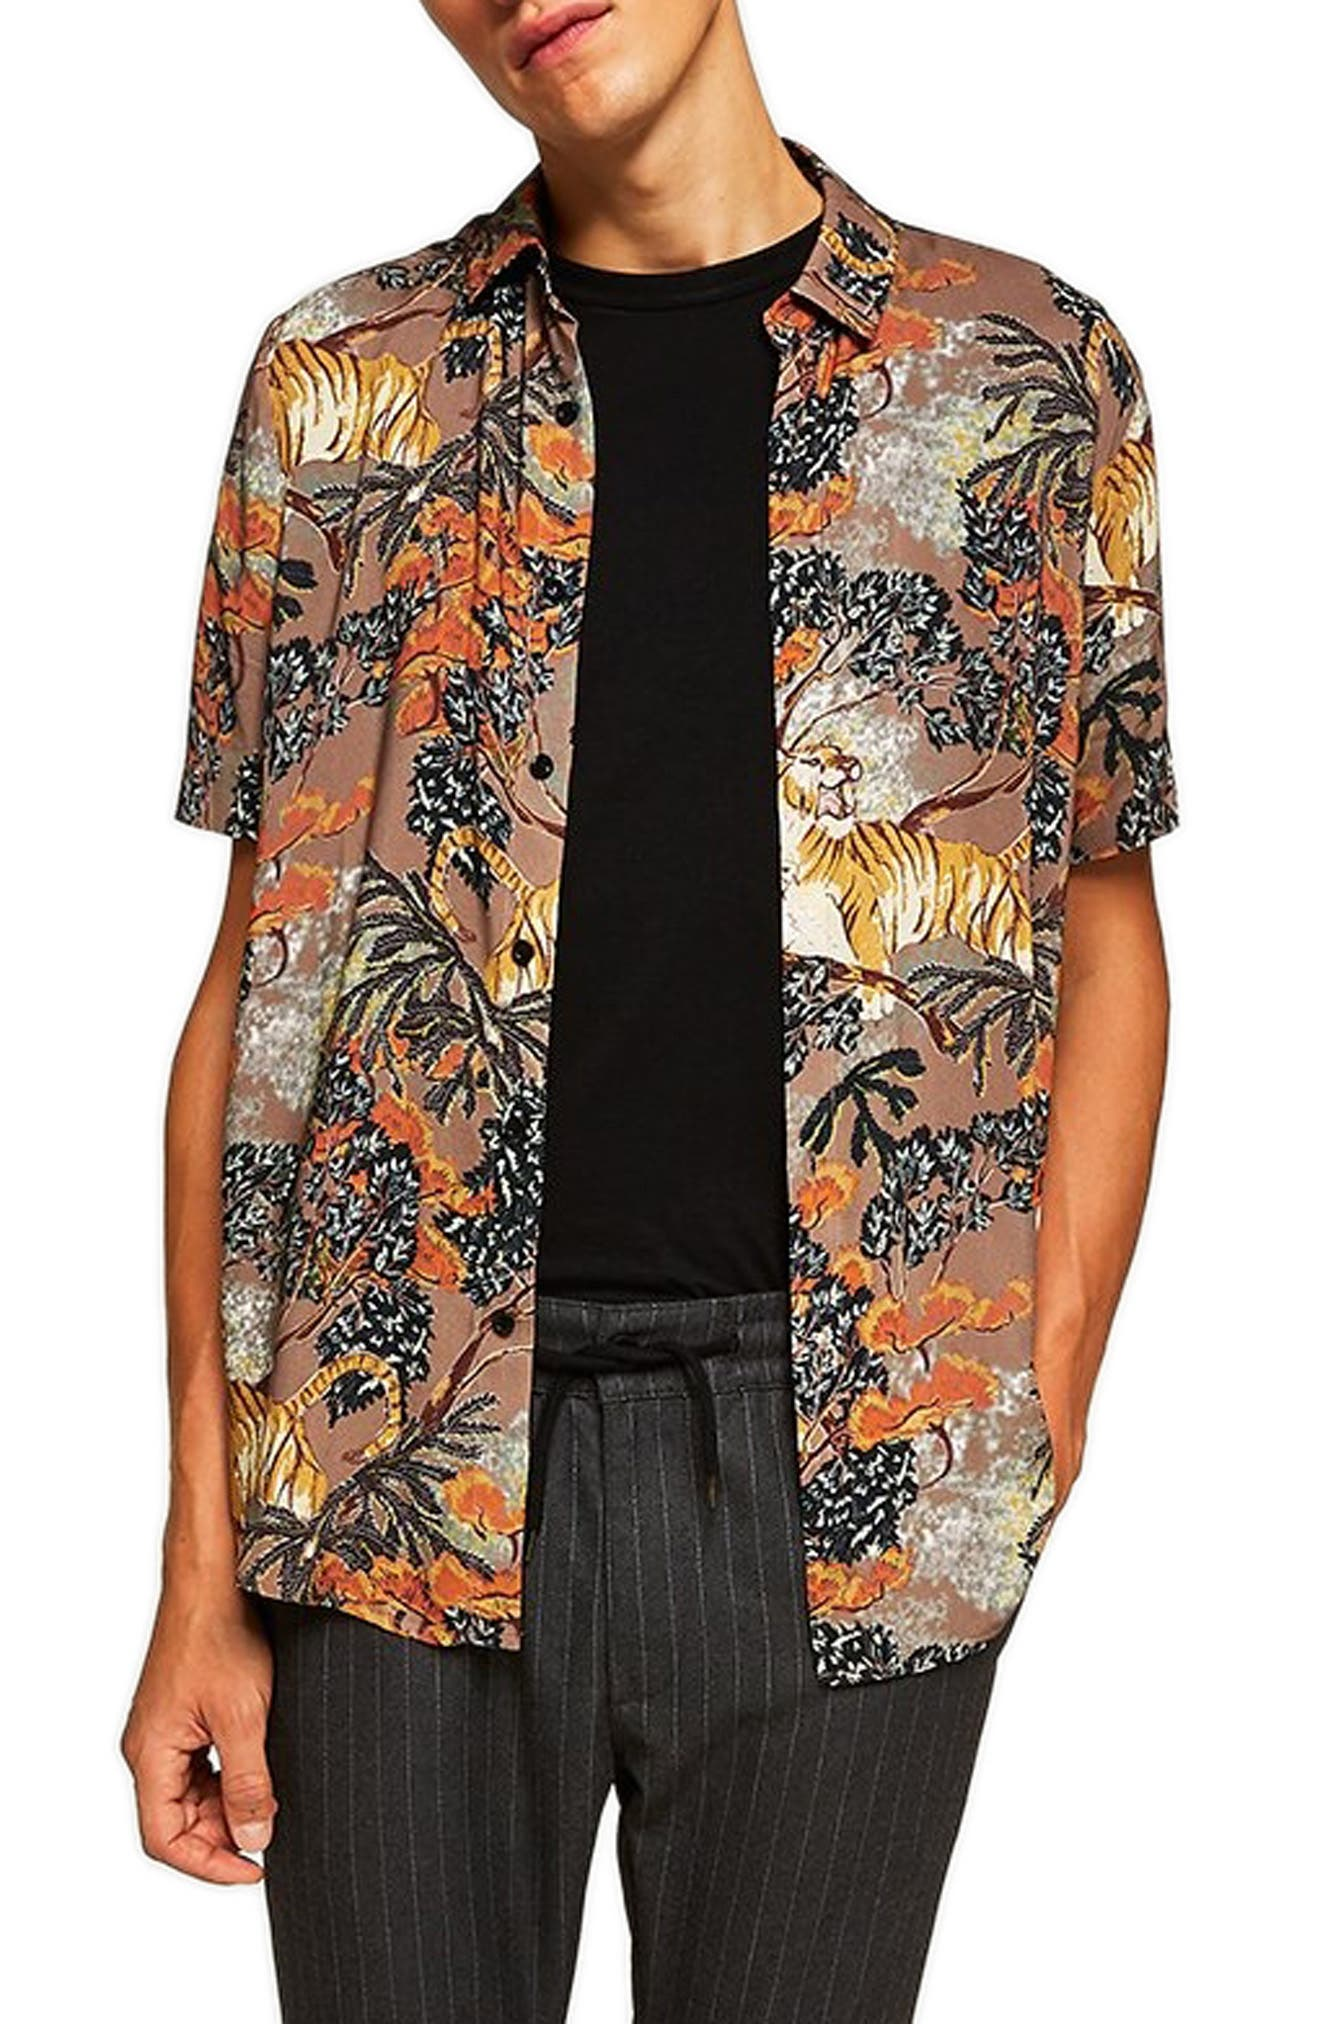 Suburb Tiger Print Shirt,                             Main thumbnail 1, color,                             800